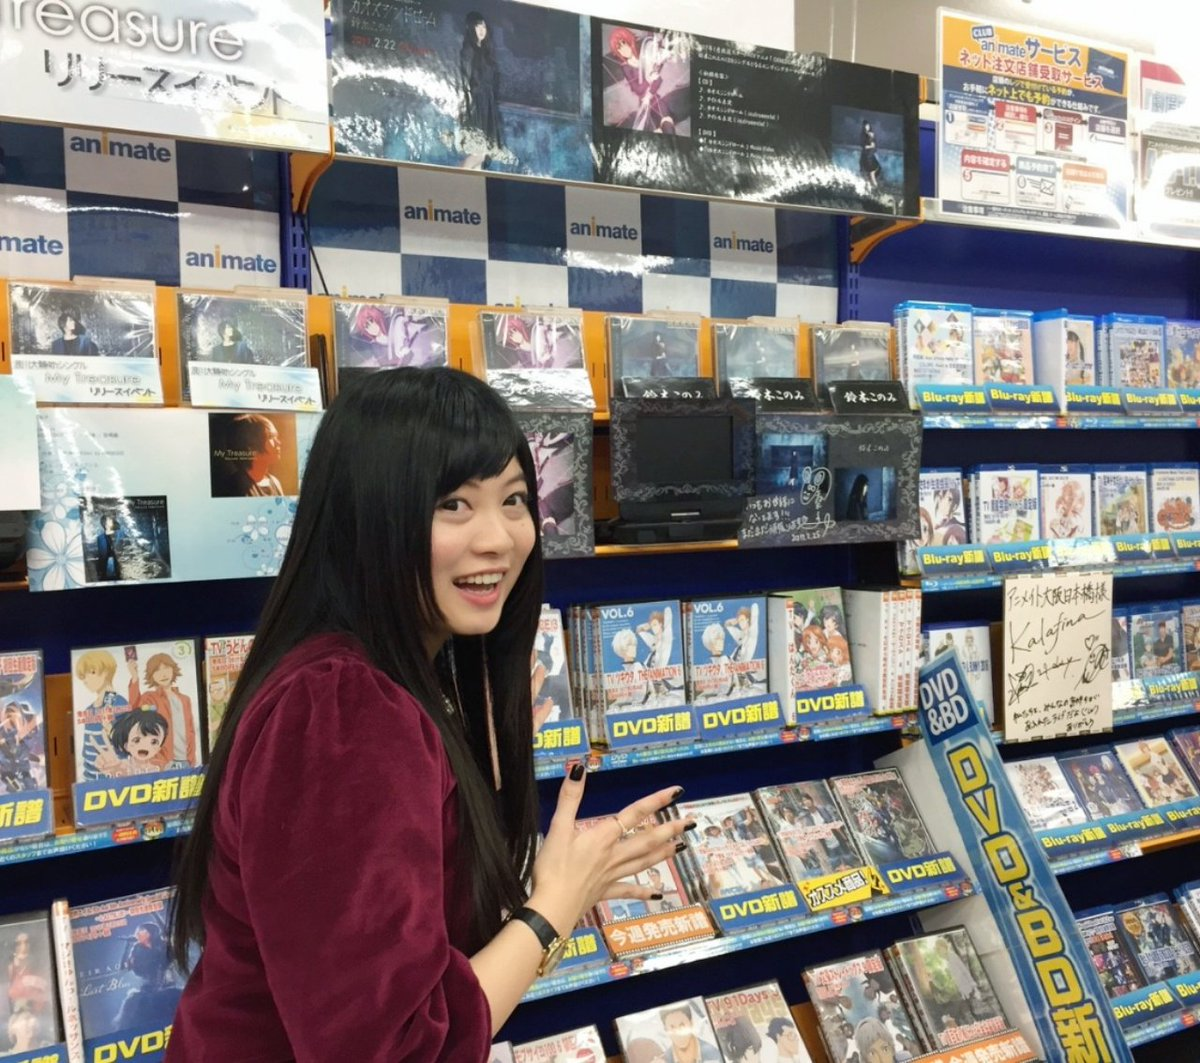 アニメイト大阪日本橋店さま!いつも個人的な買い物でお世話になってました~🎶パネルにも大きくどどーんとサインを書かせて頂きました!見てね✨ #...